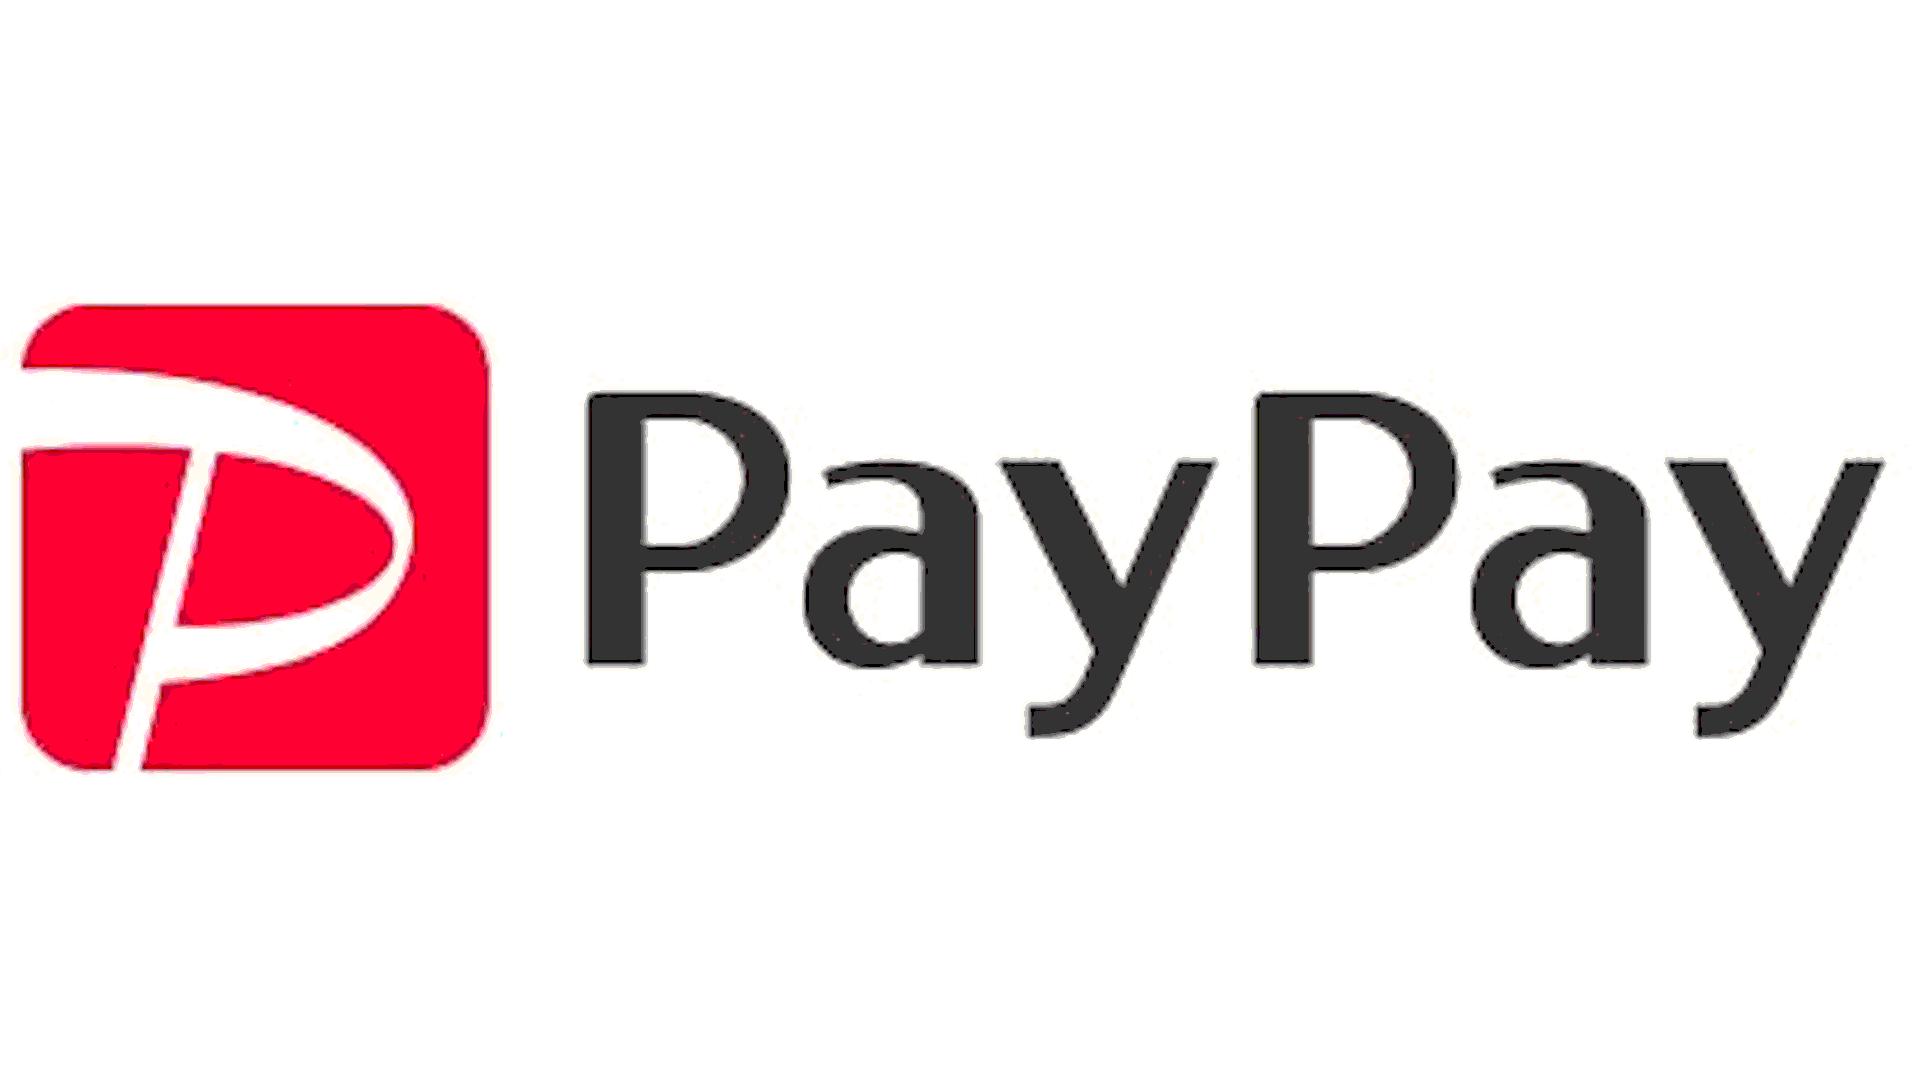 sistem pembayaran di jepang